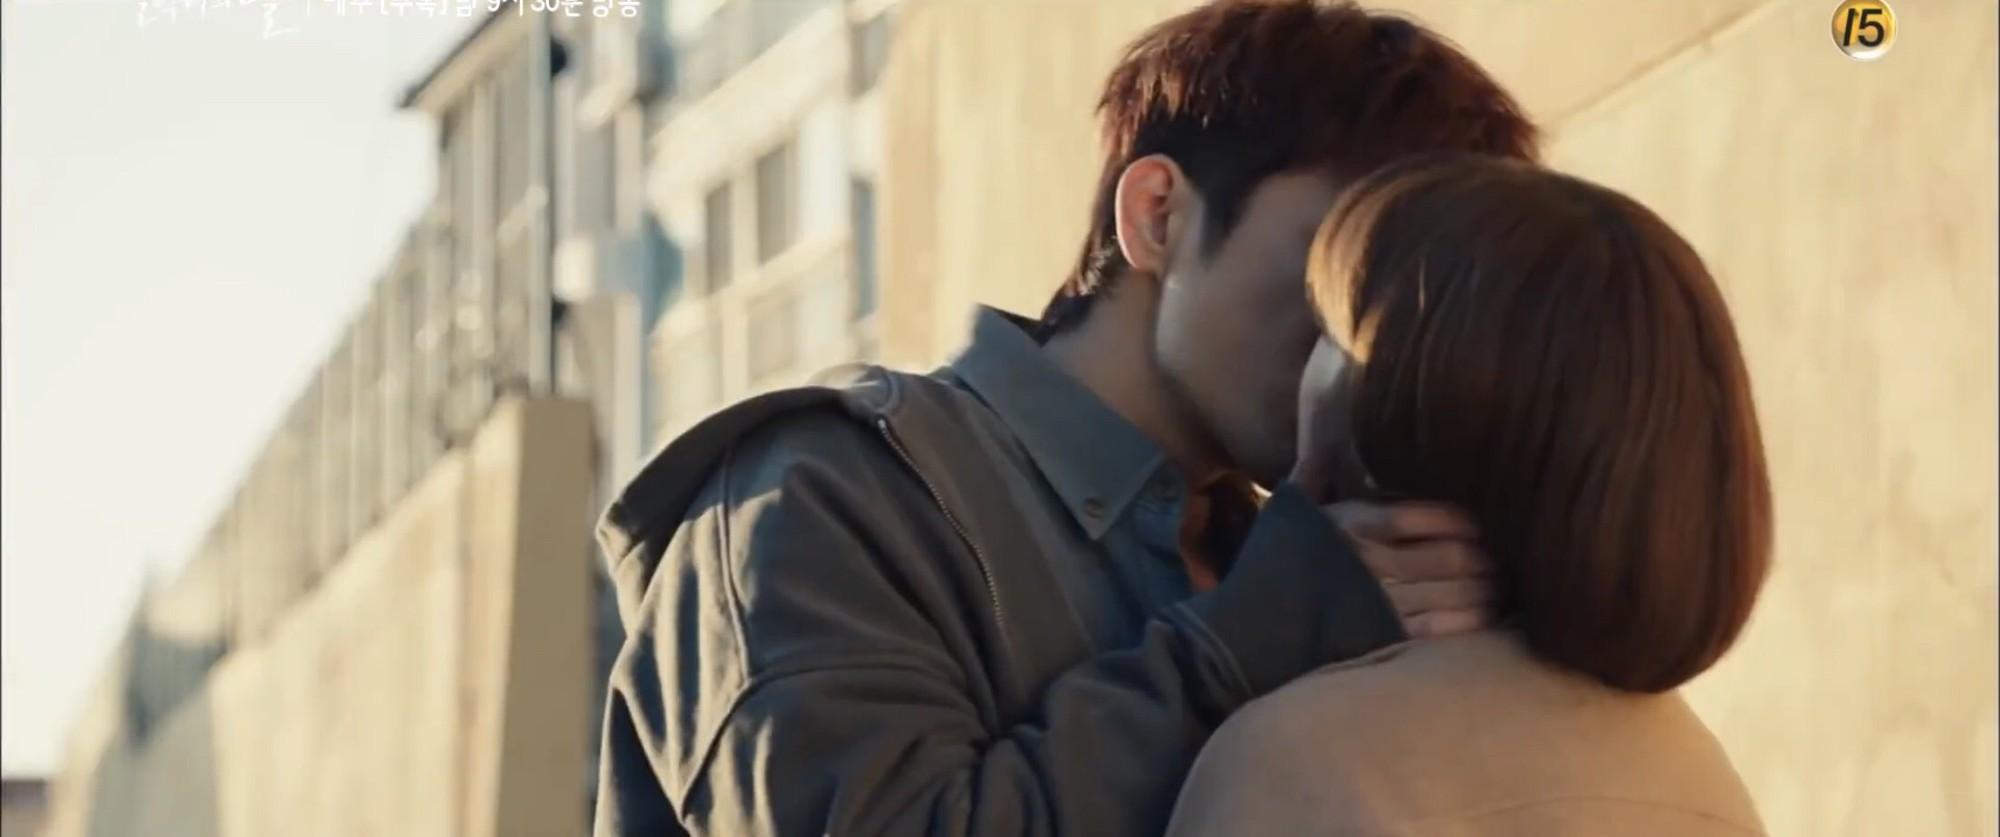 """Nhìn xem phim Hàn 2018 đã cho """"ra mắt chị em"""" bao nhiêu chàng bạn trai trong mơ! - Ảnh 21."""